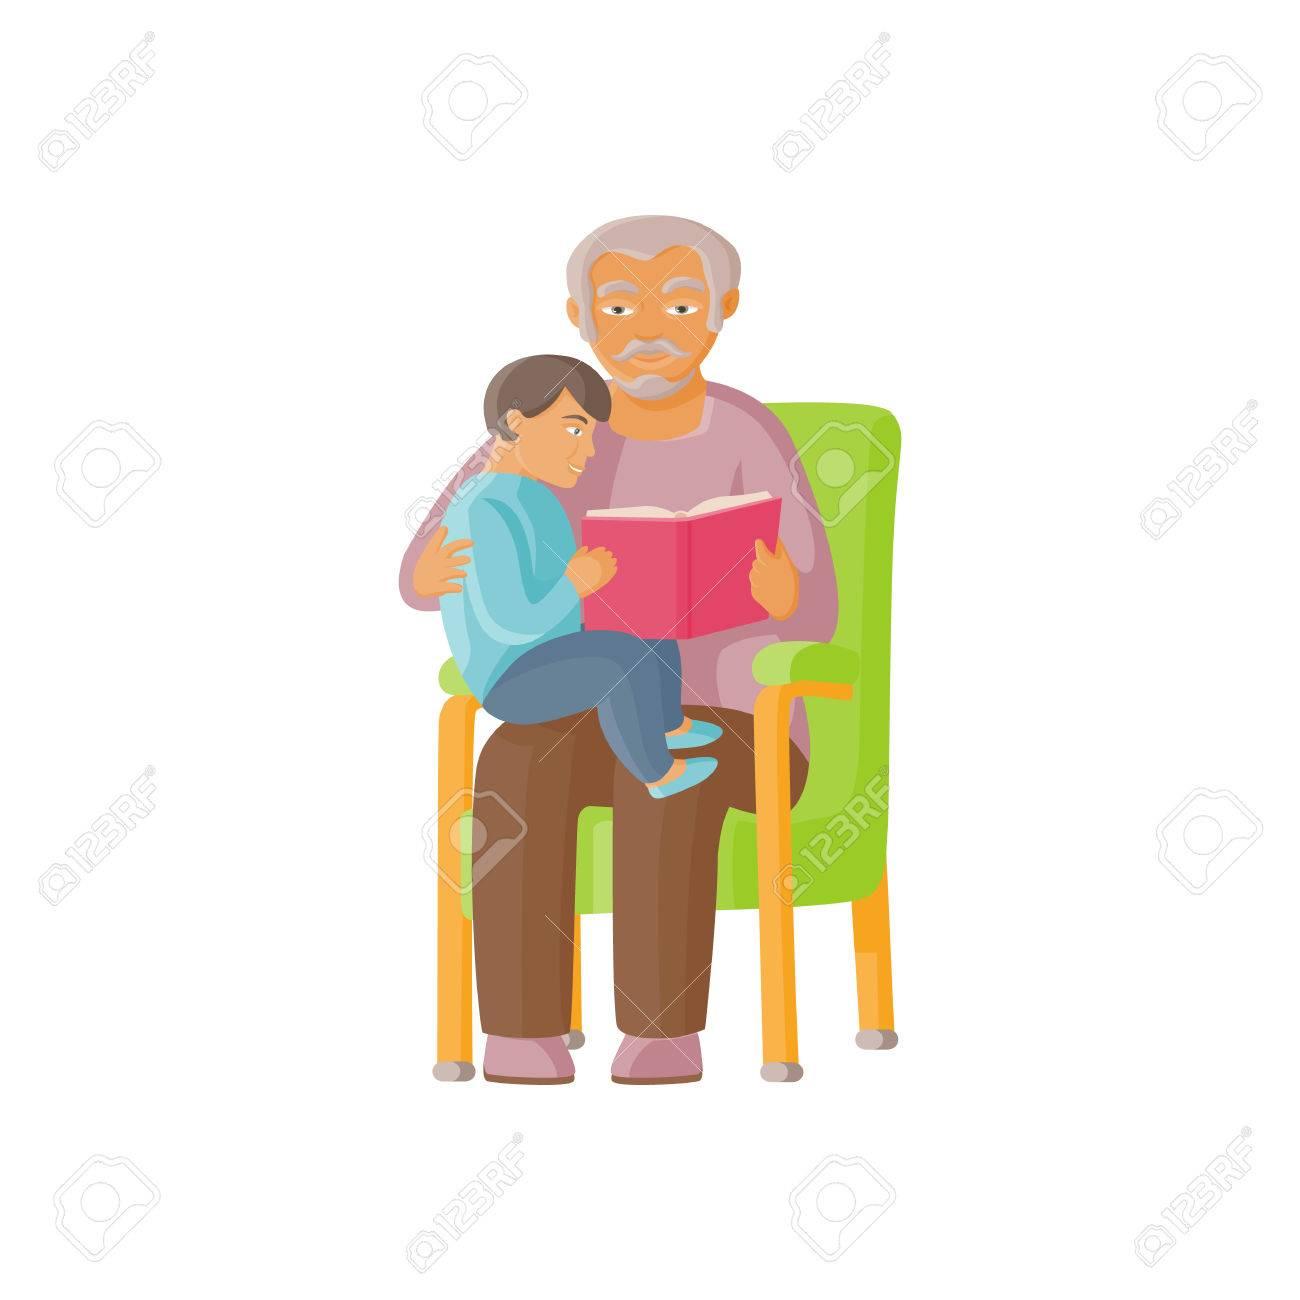 Vecteur Grand Père De Dessin Animé Plat Avec Petite Fille Assise à Genoux Lisant Le Livre Ensemble Illustration Isolée Sur Un Fond Blanc Concept De